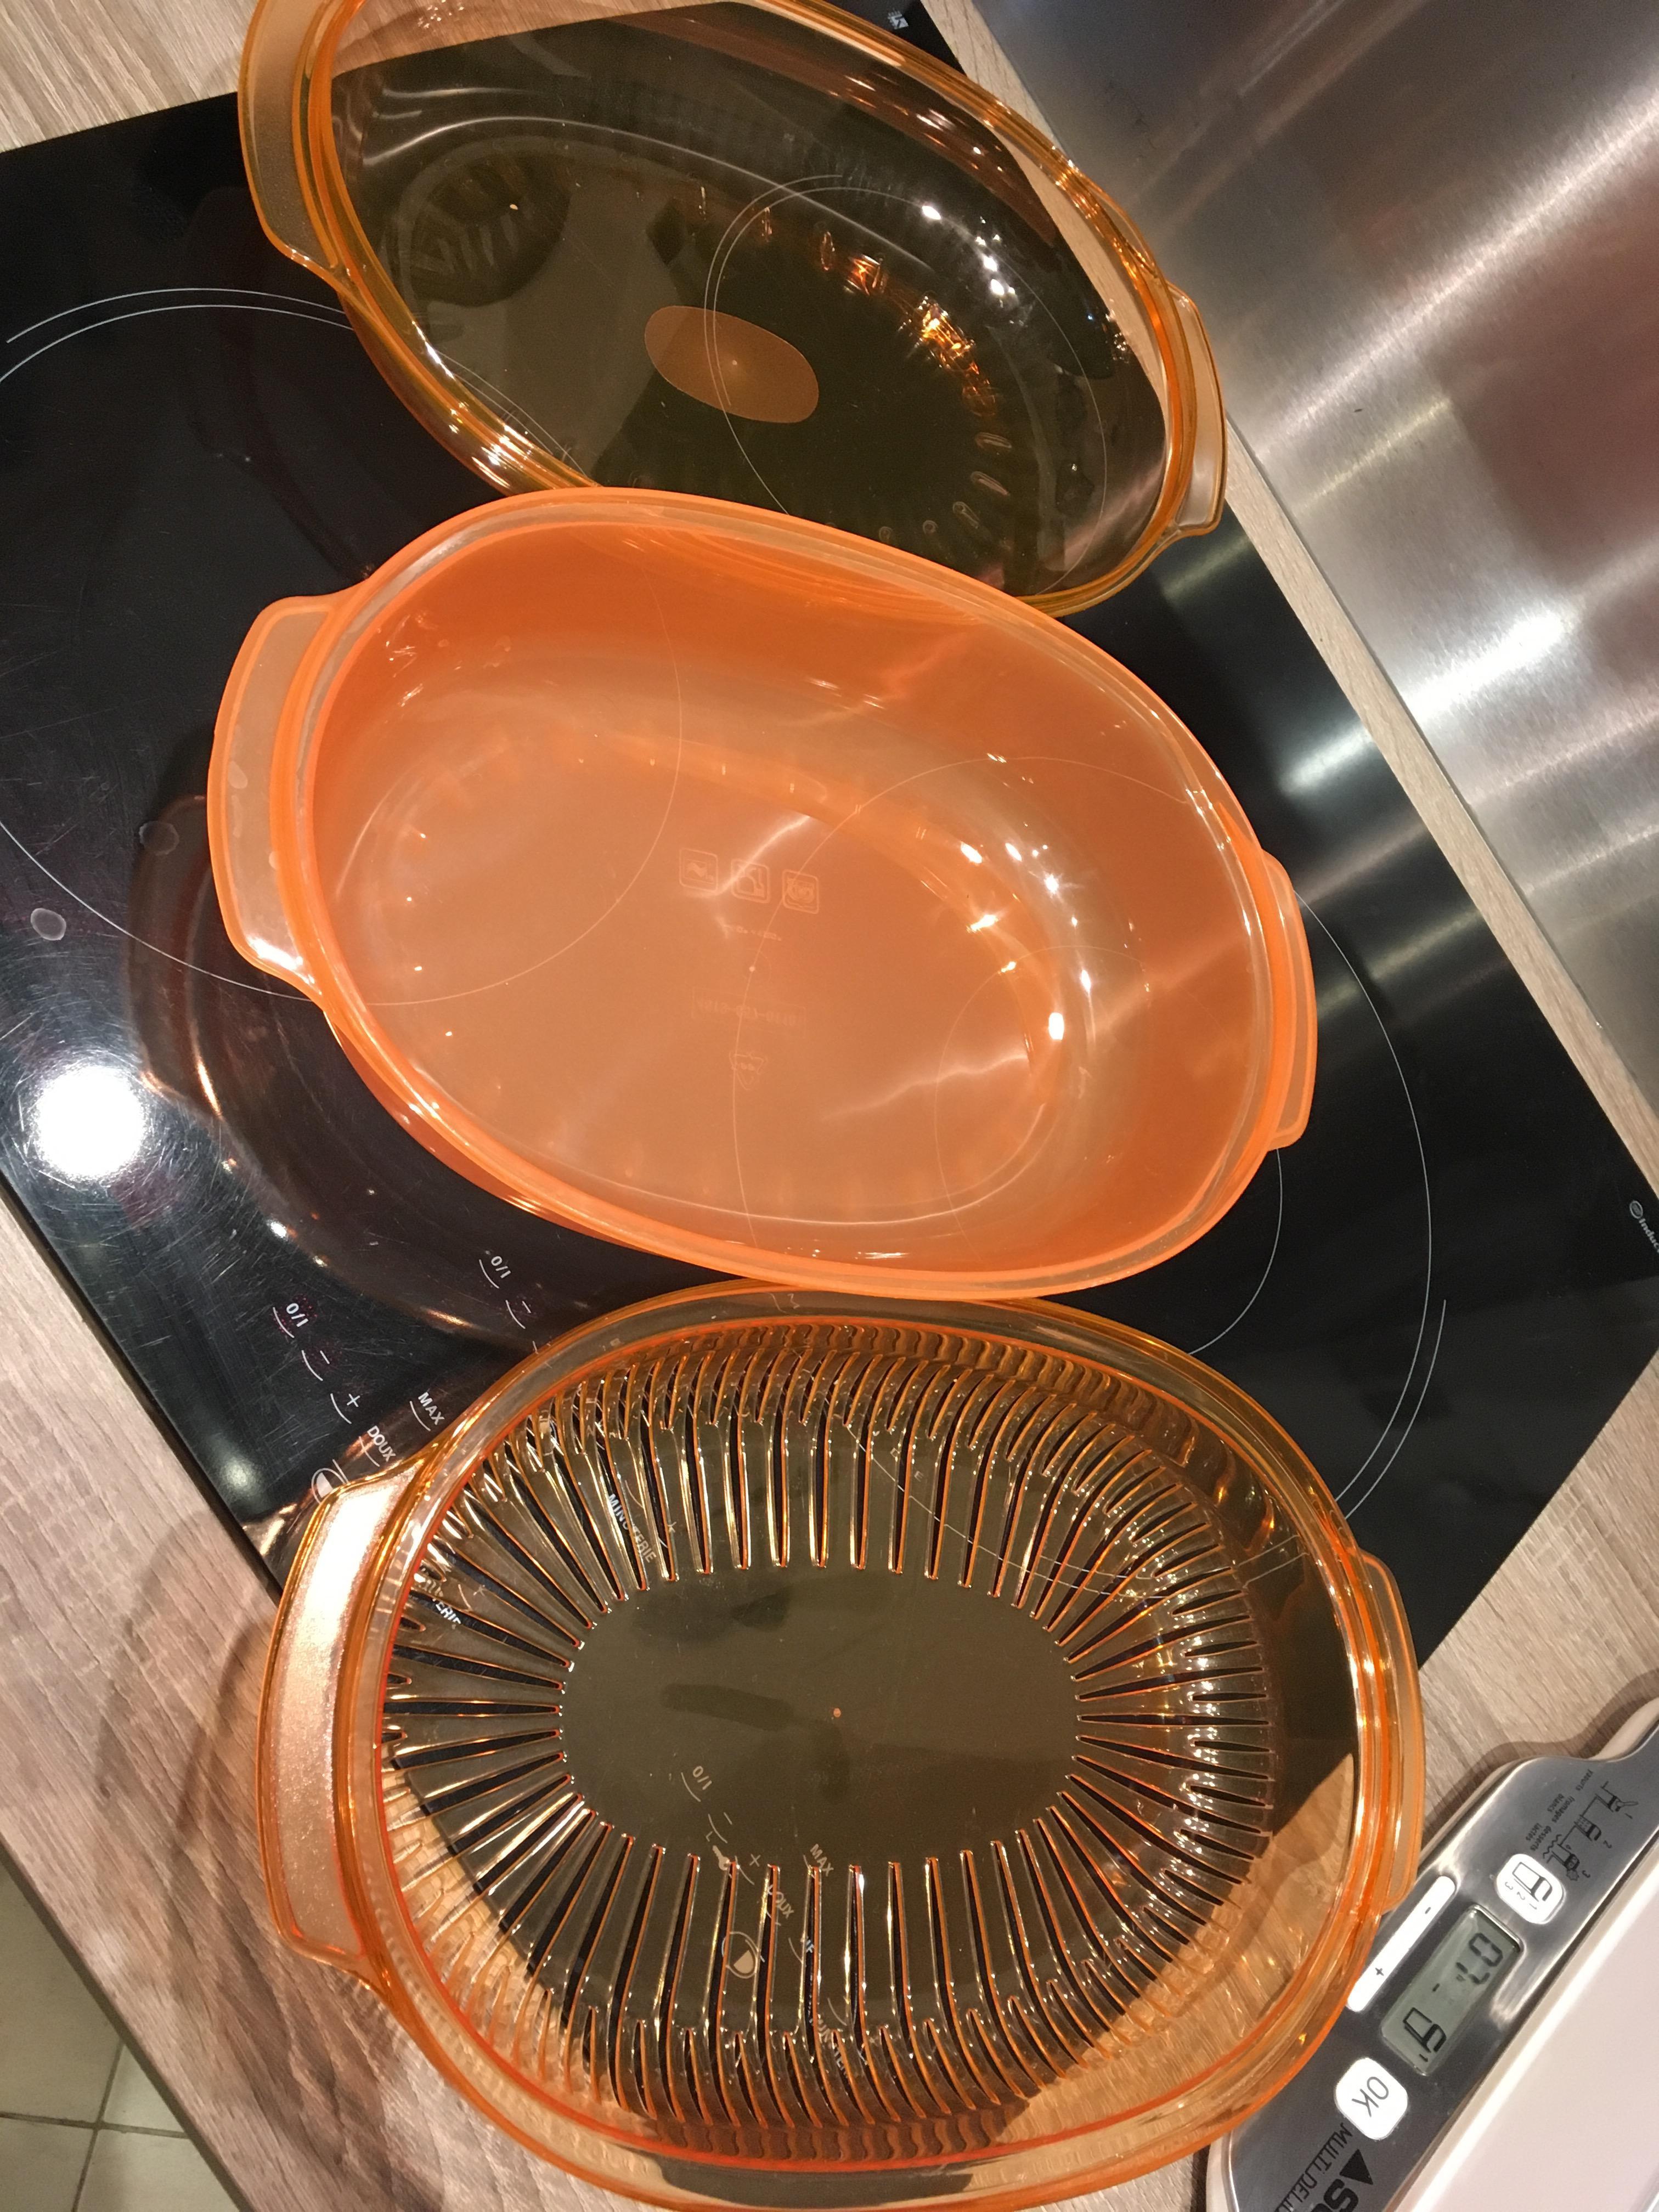 troc de troc plat cuisson vapeur micro onde image 0